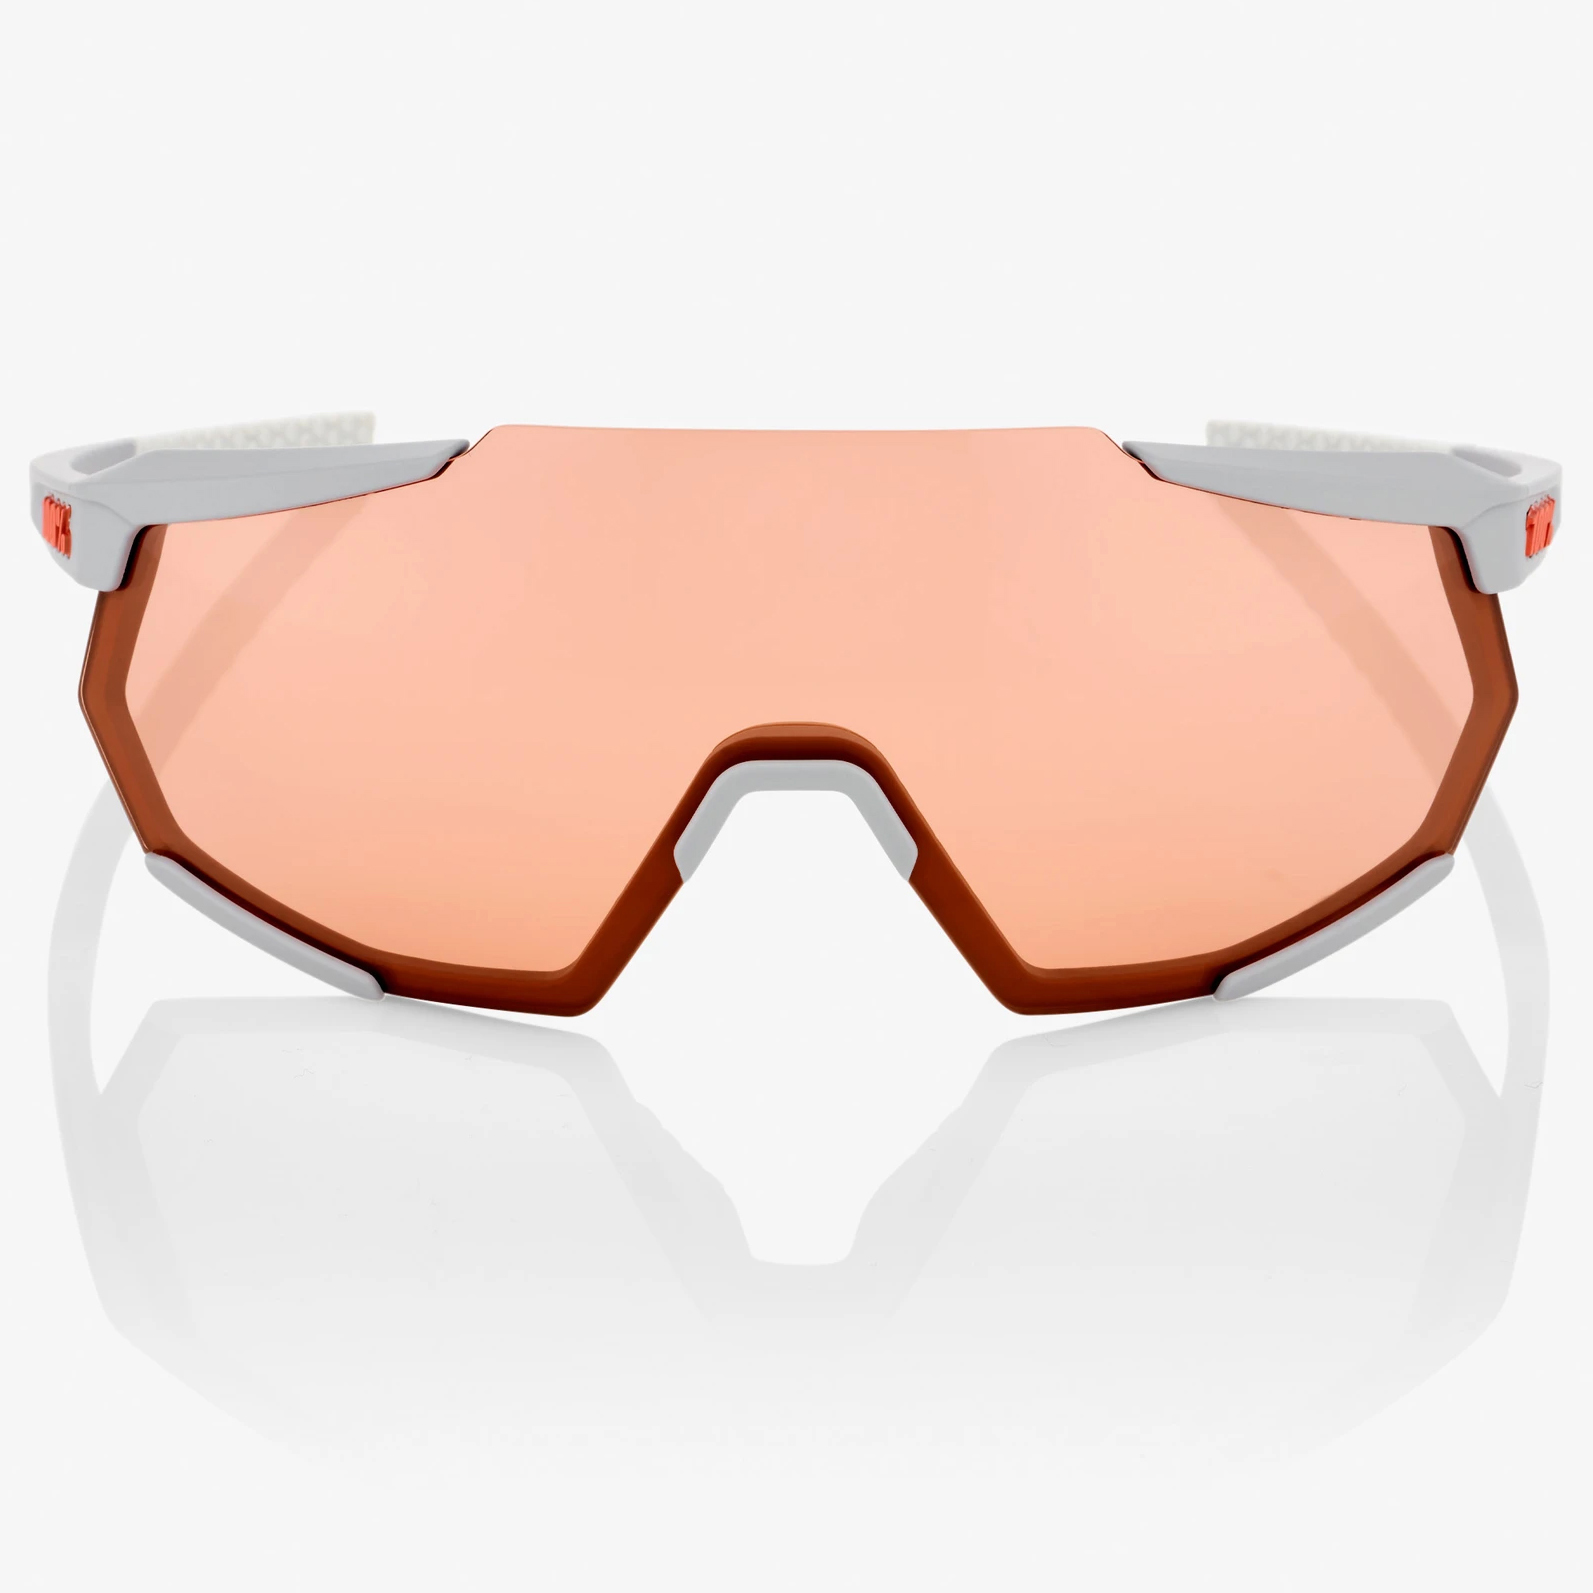 Imagen de 100% Racetrap HiPER Mirror Glasses - Soft Tact Stone Grey/Coral + Clear